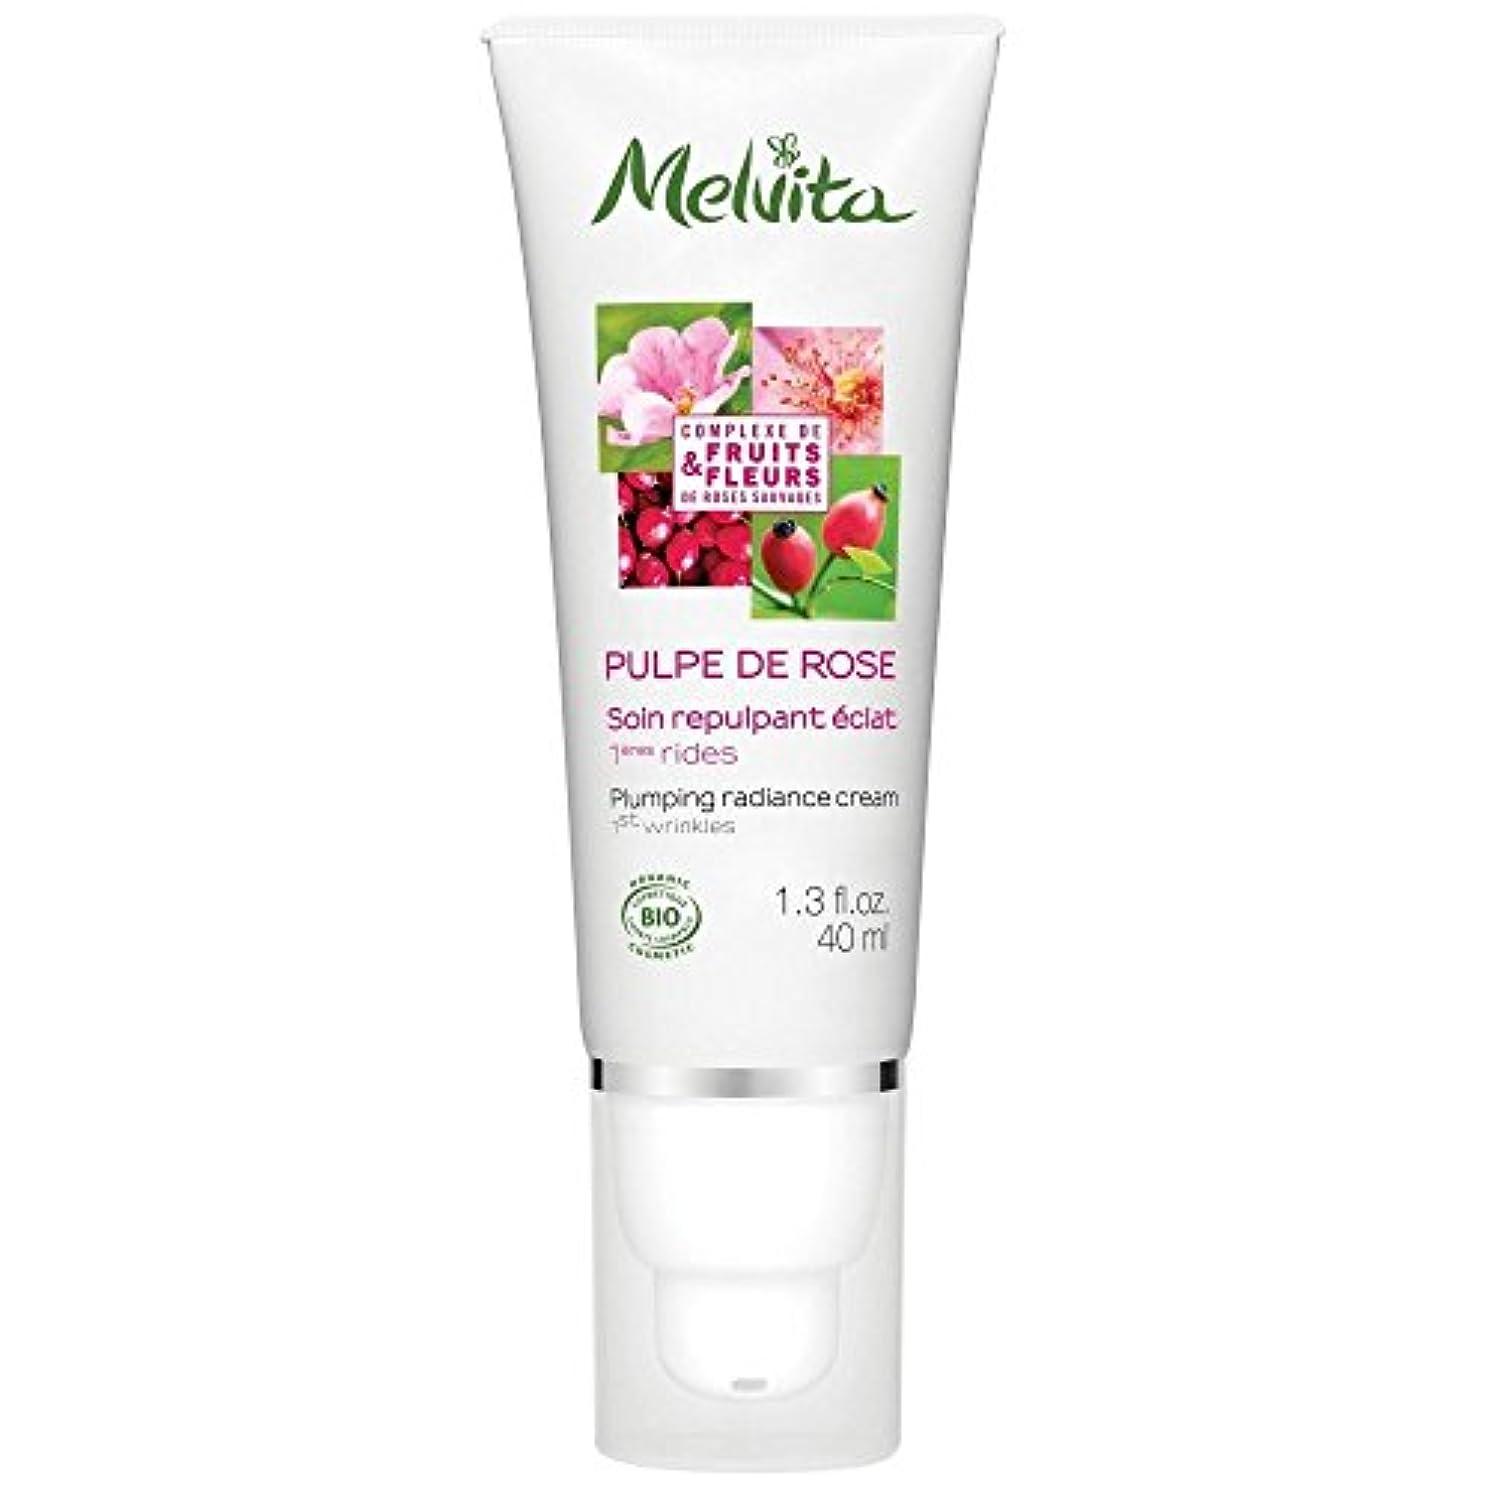 頑固な黙認する奨励[Melvita] メルヴィータ膨化輝きクリーム、40ミリリットル - Melvita Plumping Radiance Cream, 40ml [並行輸入品]